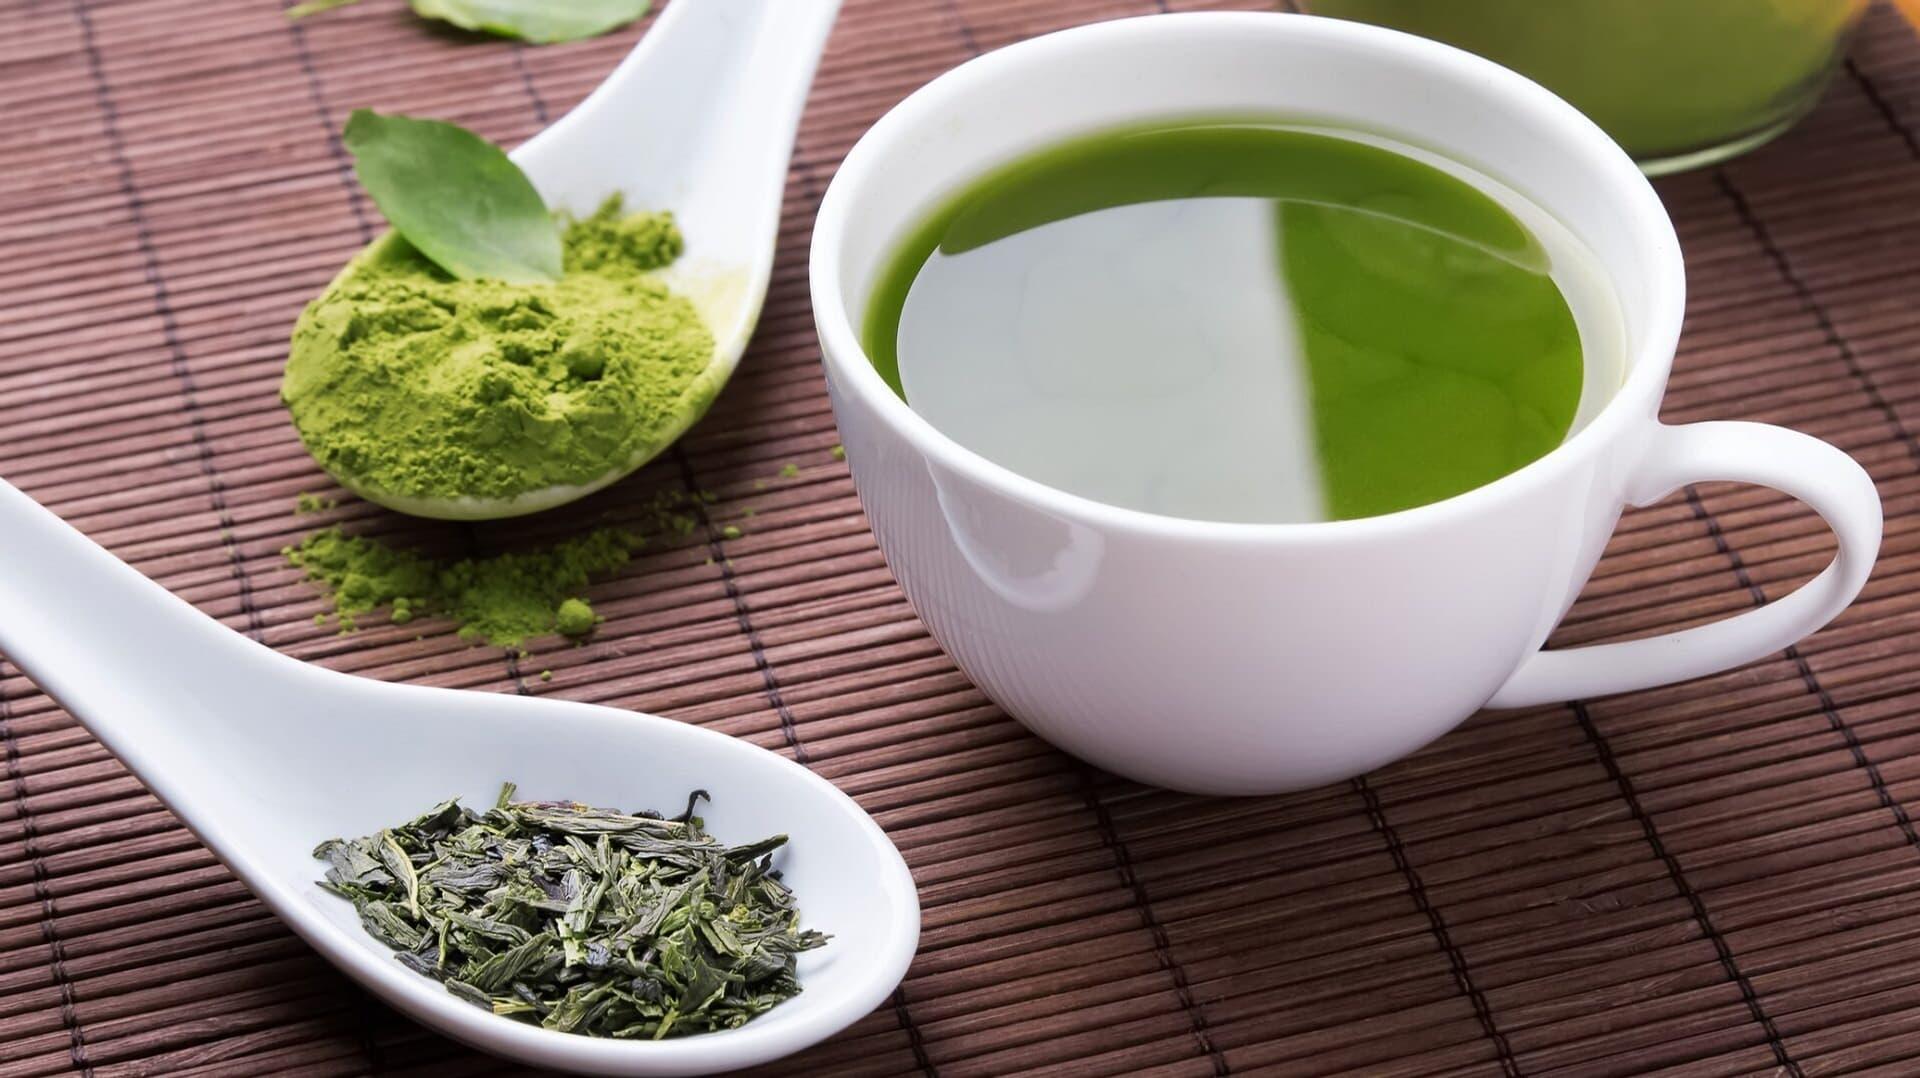 Eine Tasse mit Grünem Tee, daneben zwei Löffel mit Grünteepulver- und Blättern.